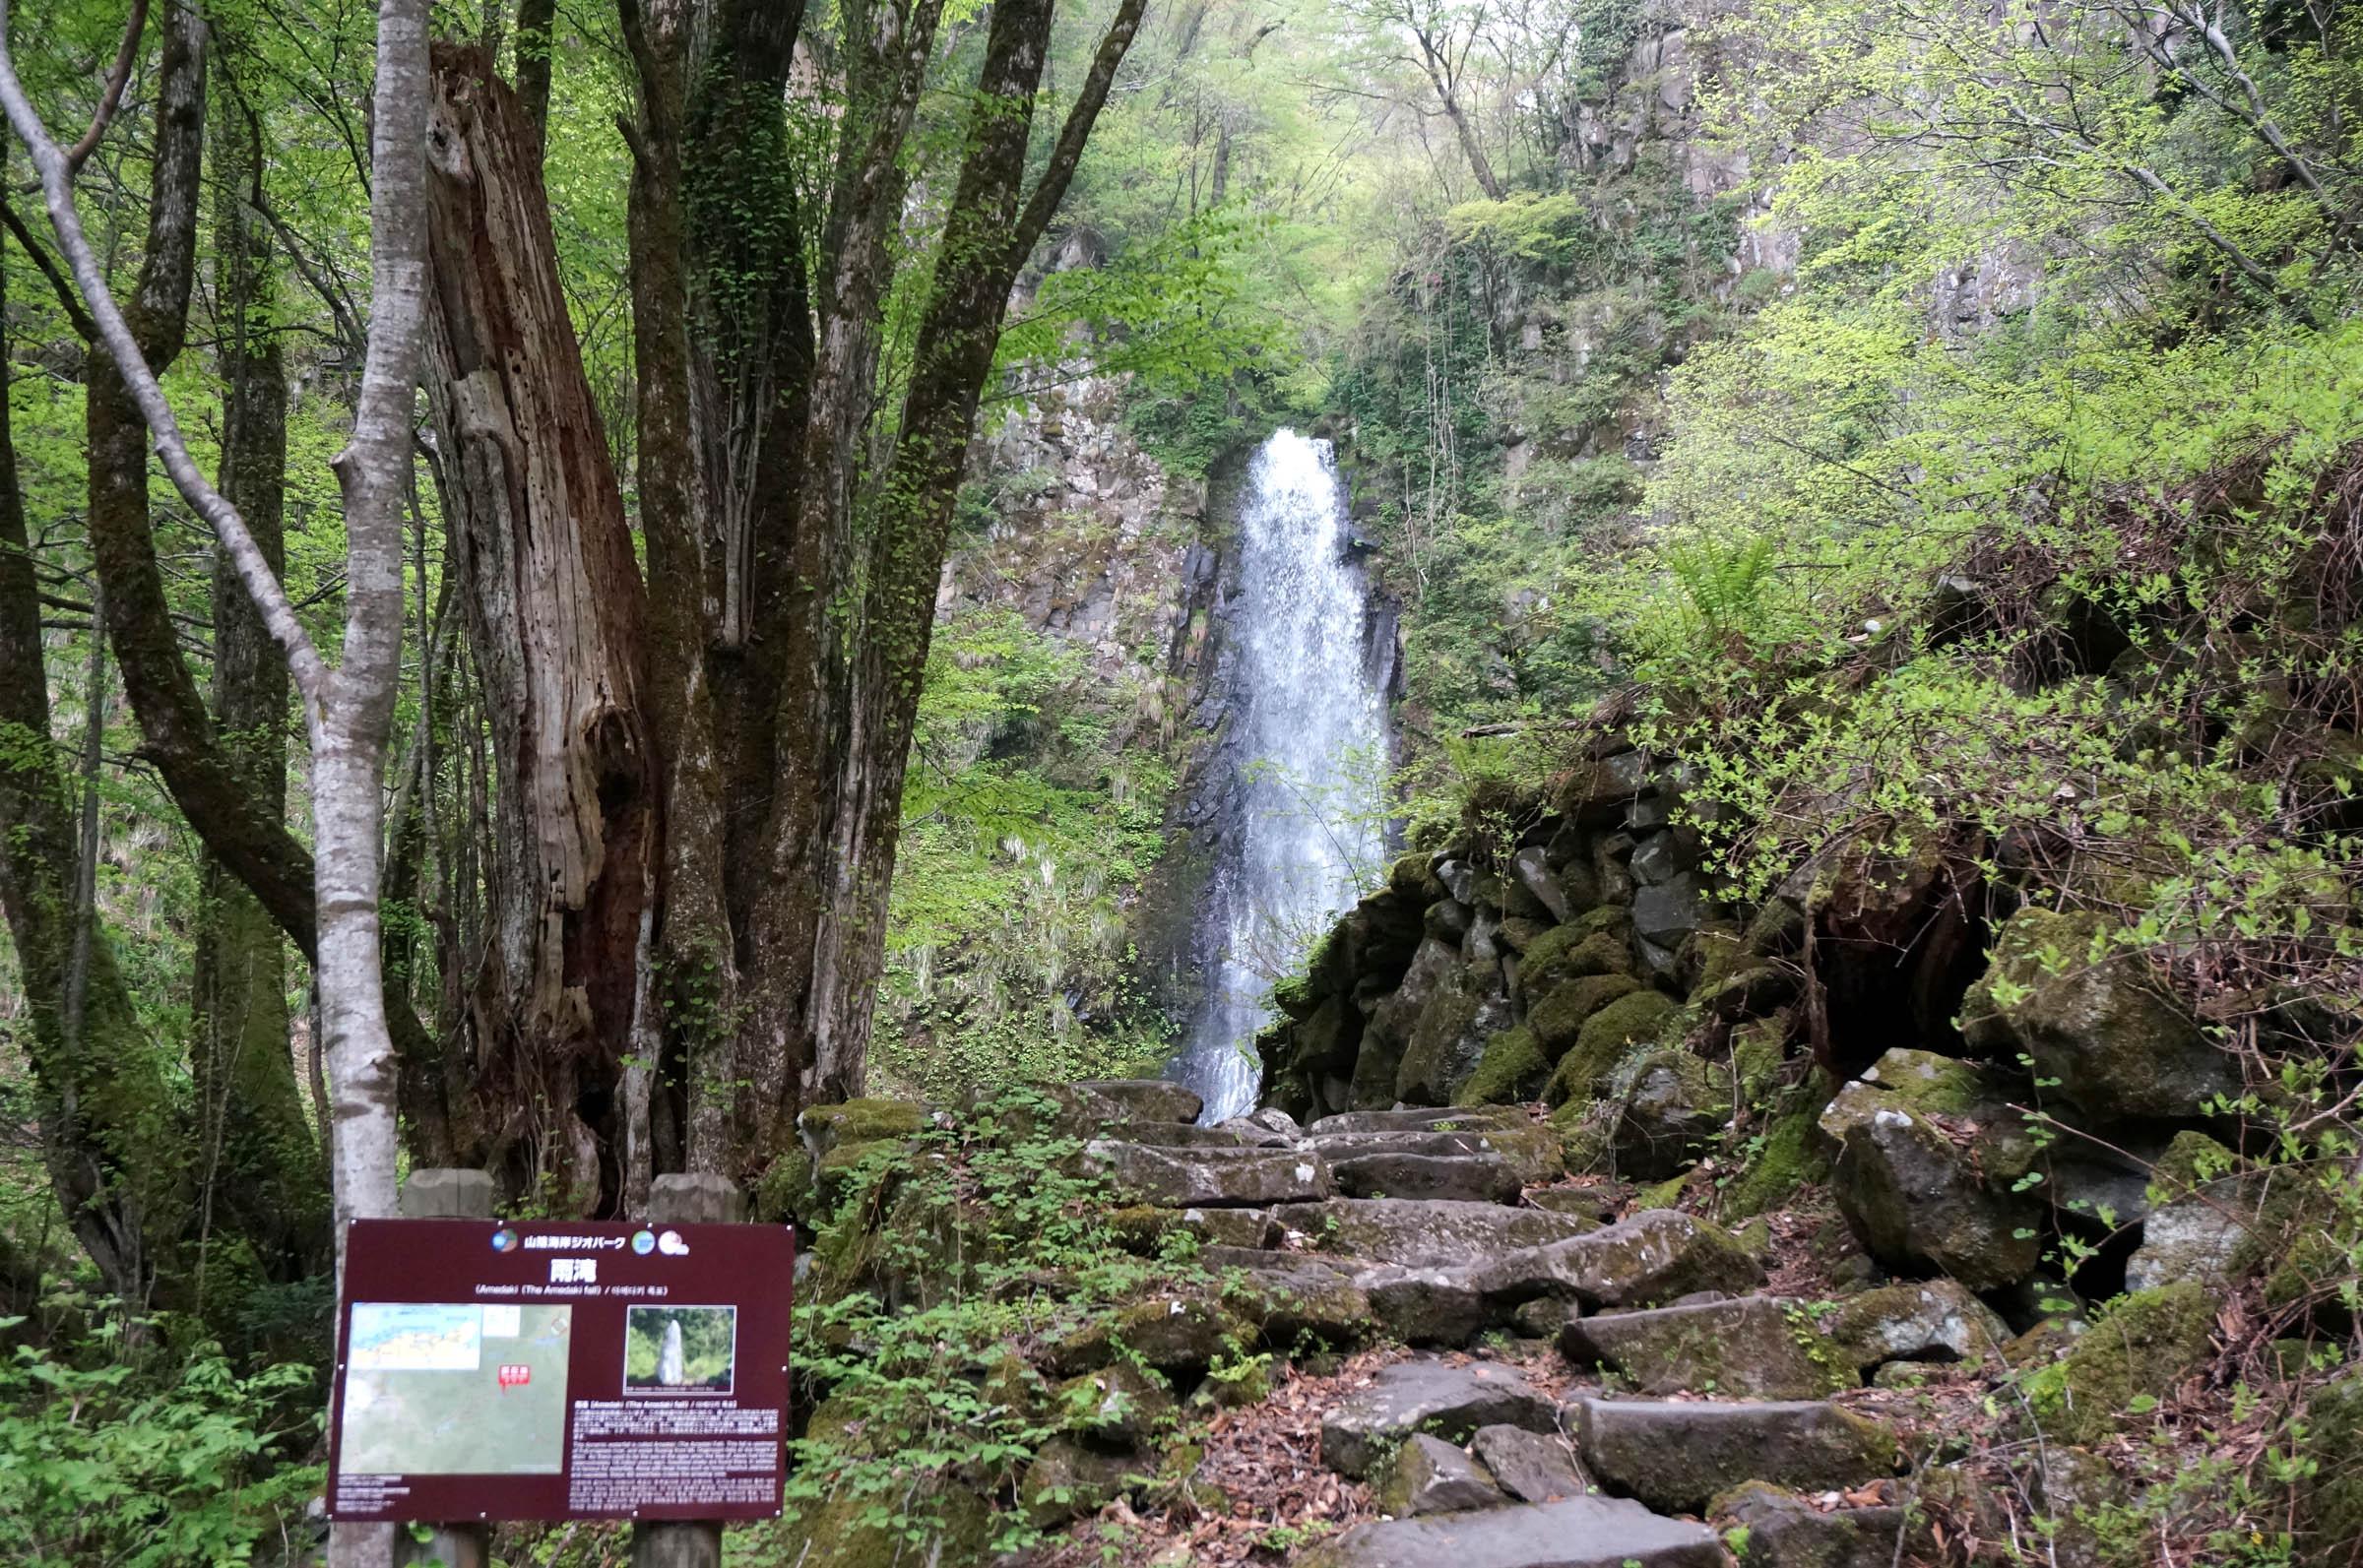 鳥取の雨滝は滝百景!絶景スポットとして人気!周辺のおいしい豆腐もご紹介!